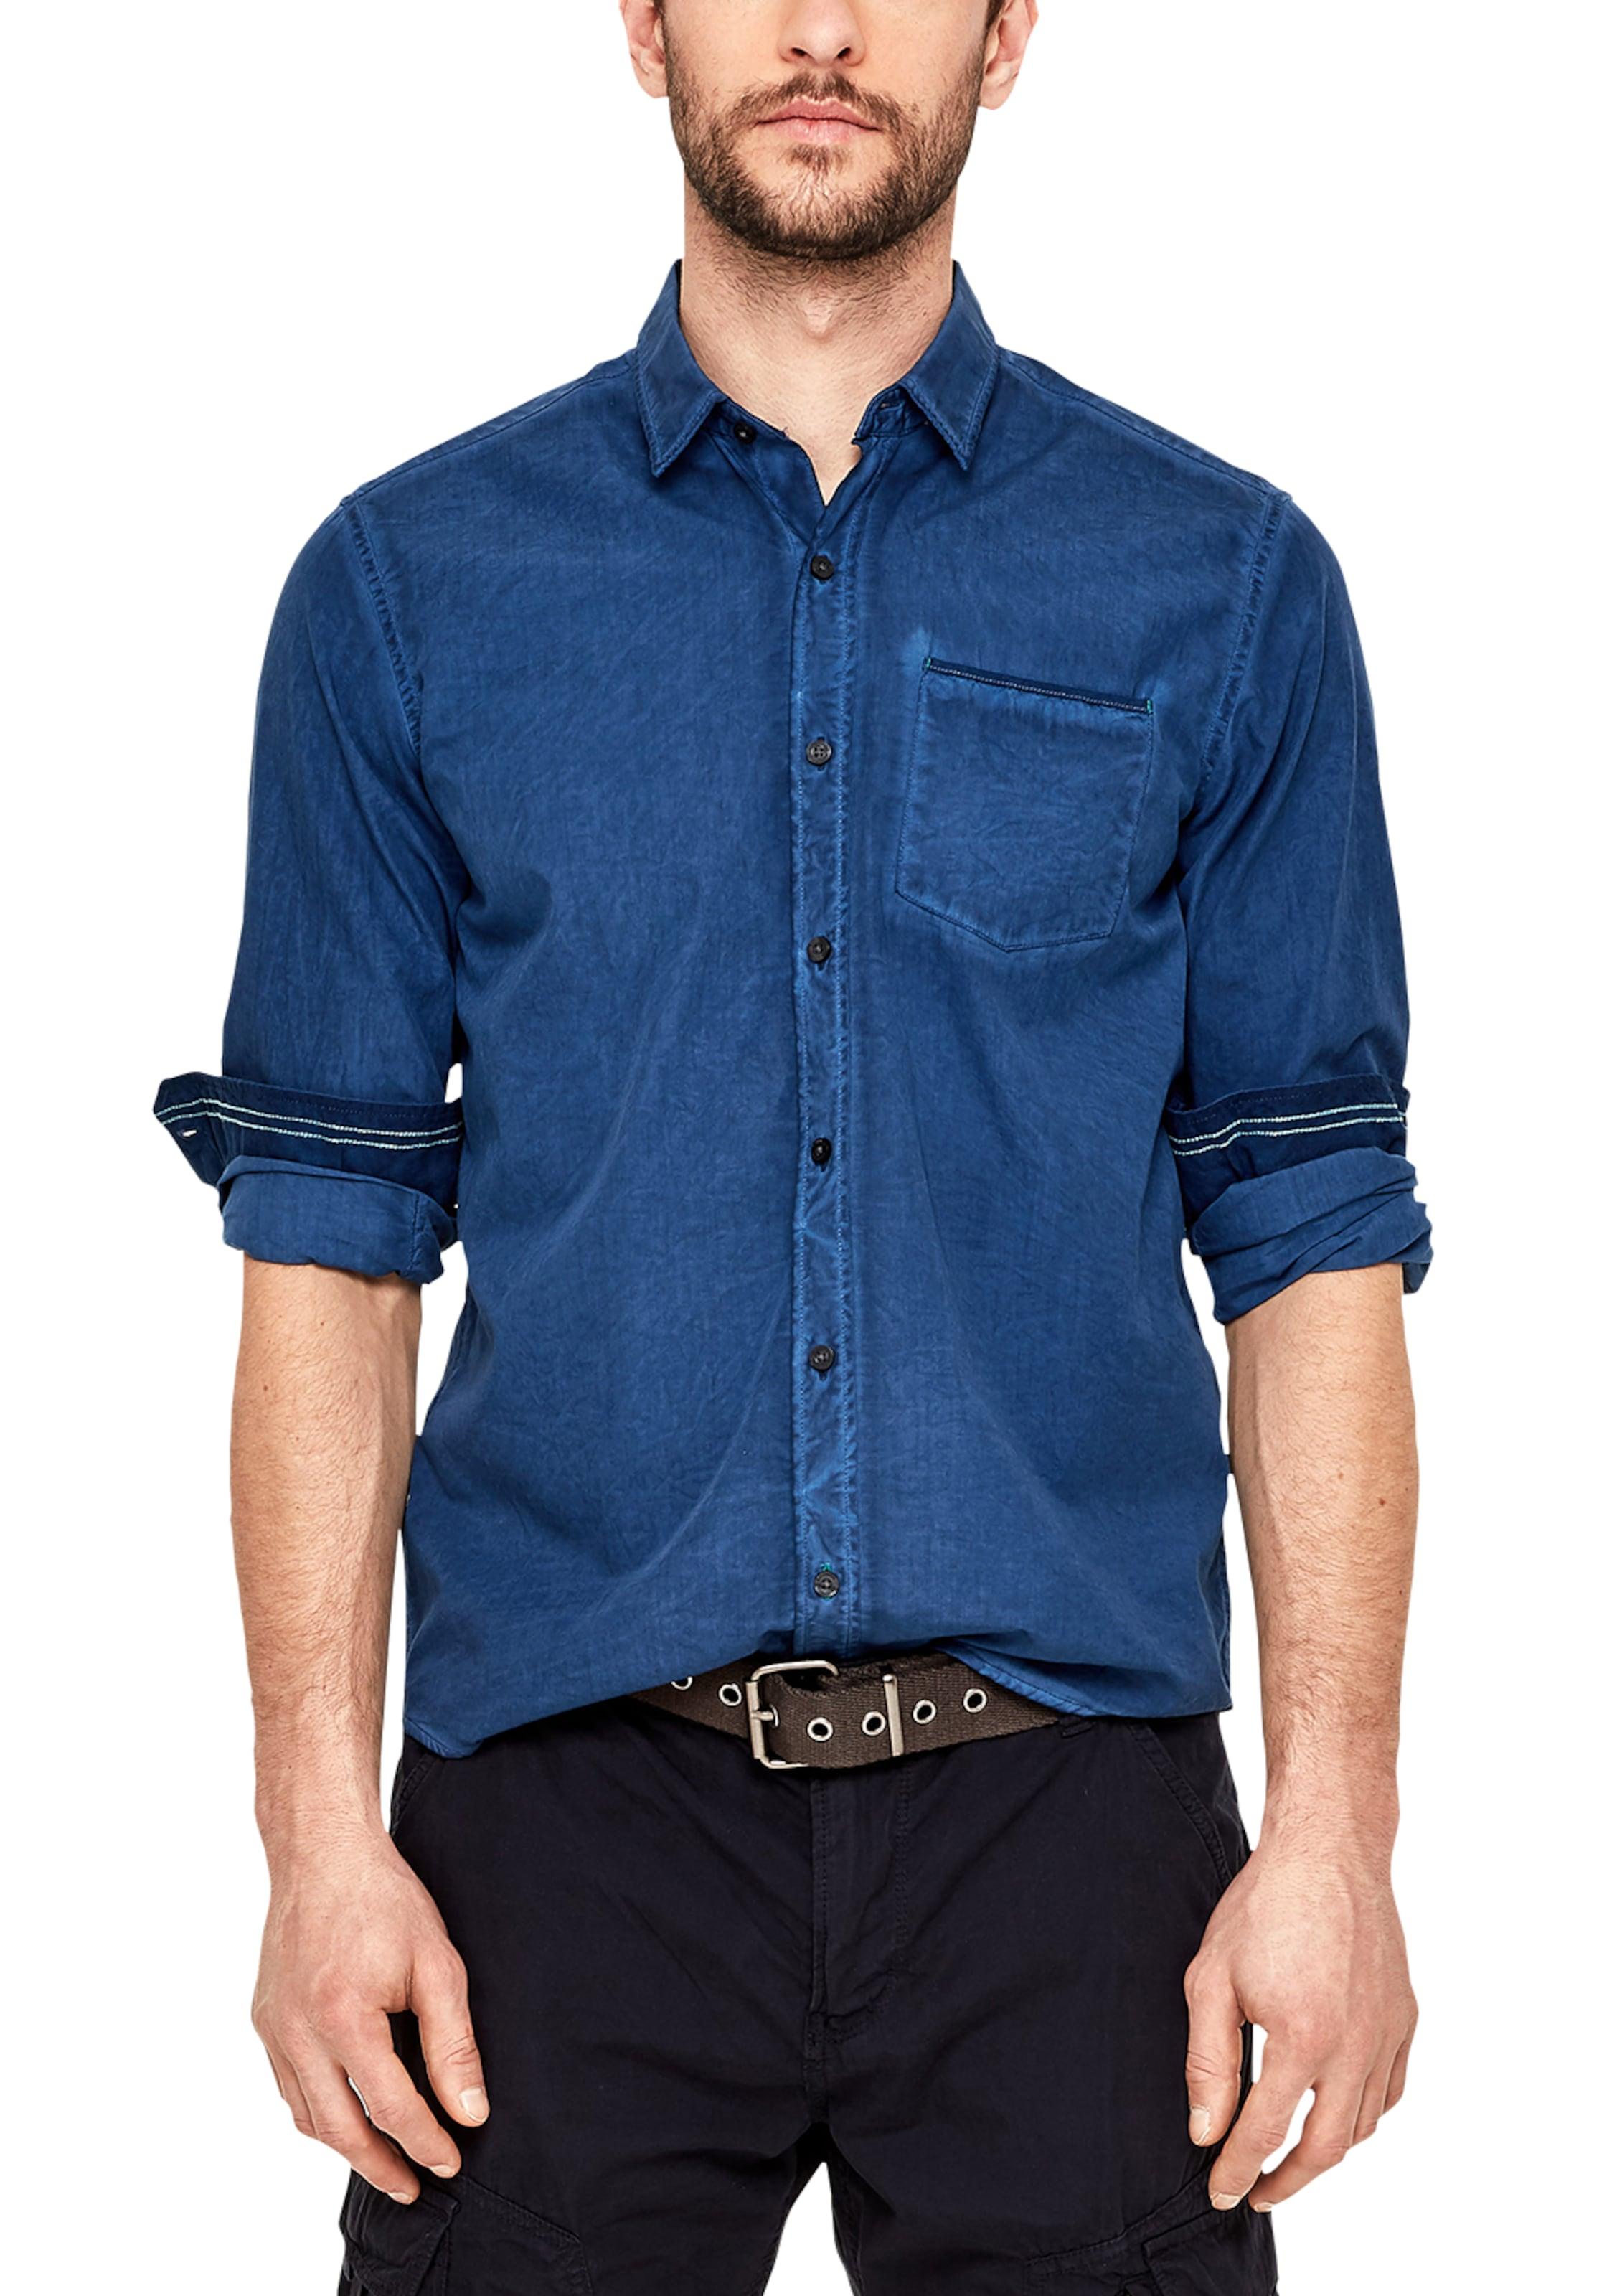 Label Red Blaumeliert Mit In Hemd S oliver Brusttasche Modischer bYf6yg7